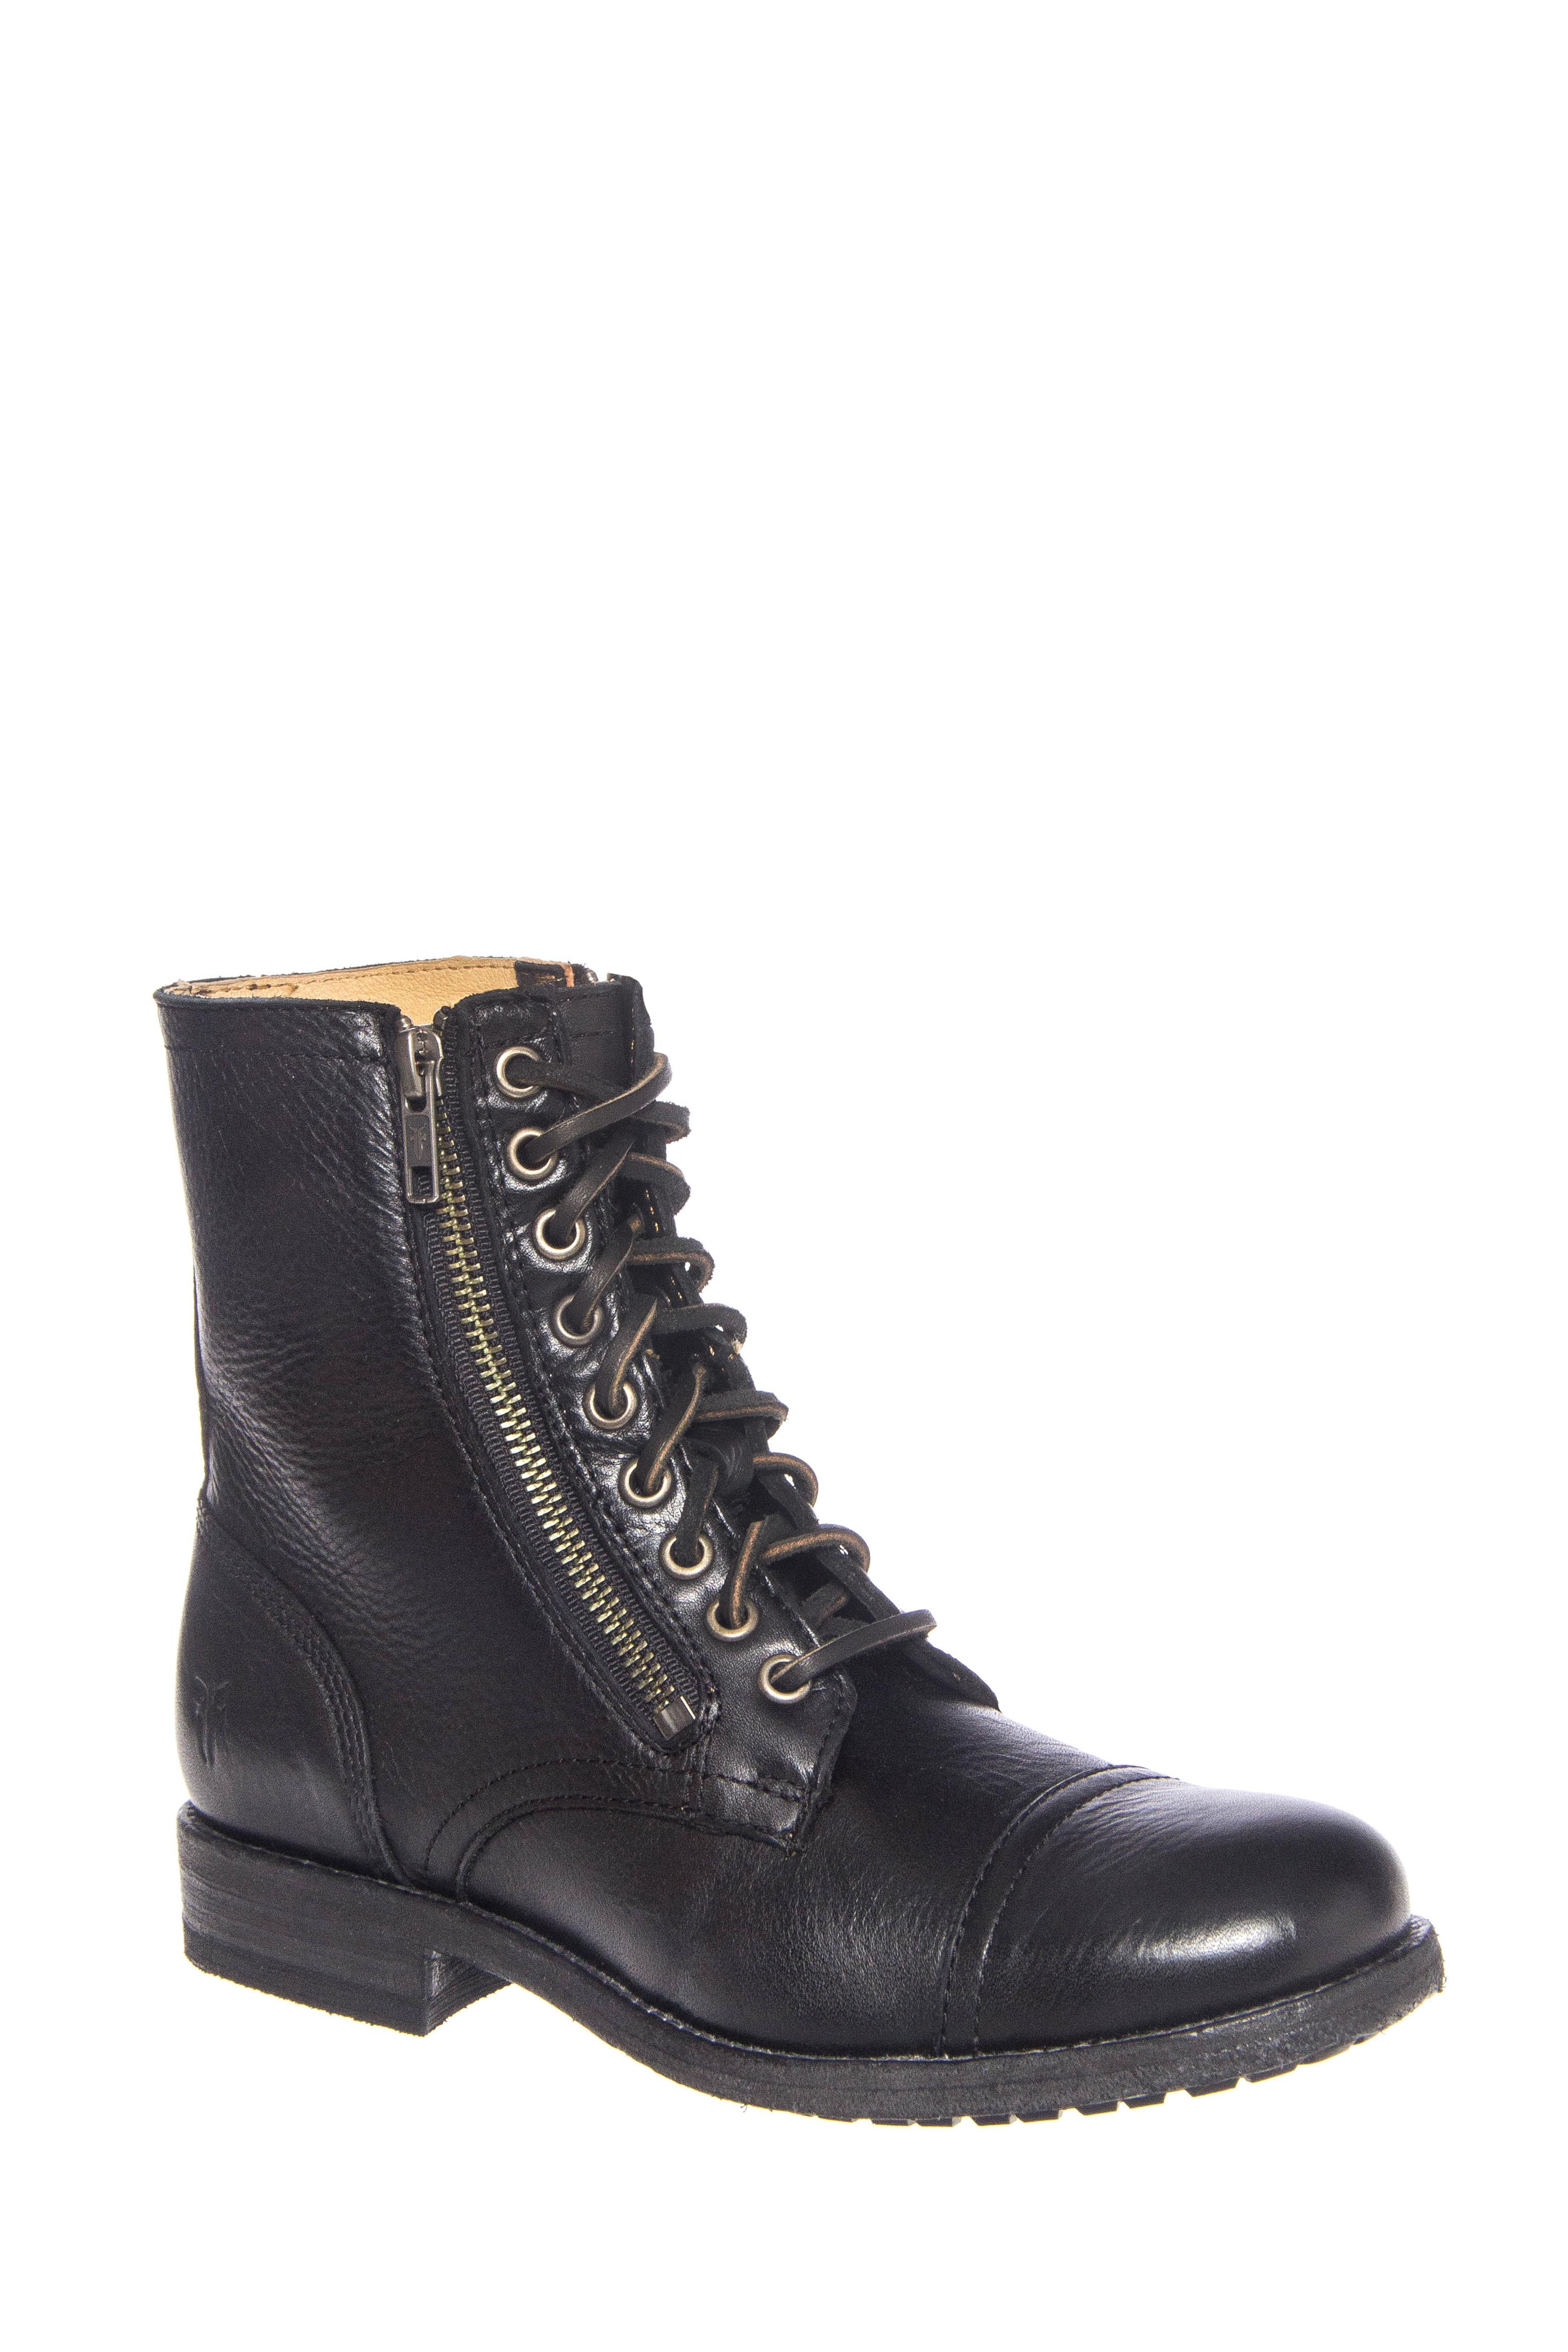 Frye Tyler Double Zip Low Heel Boots - Black